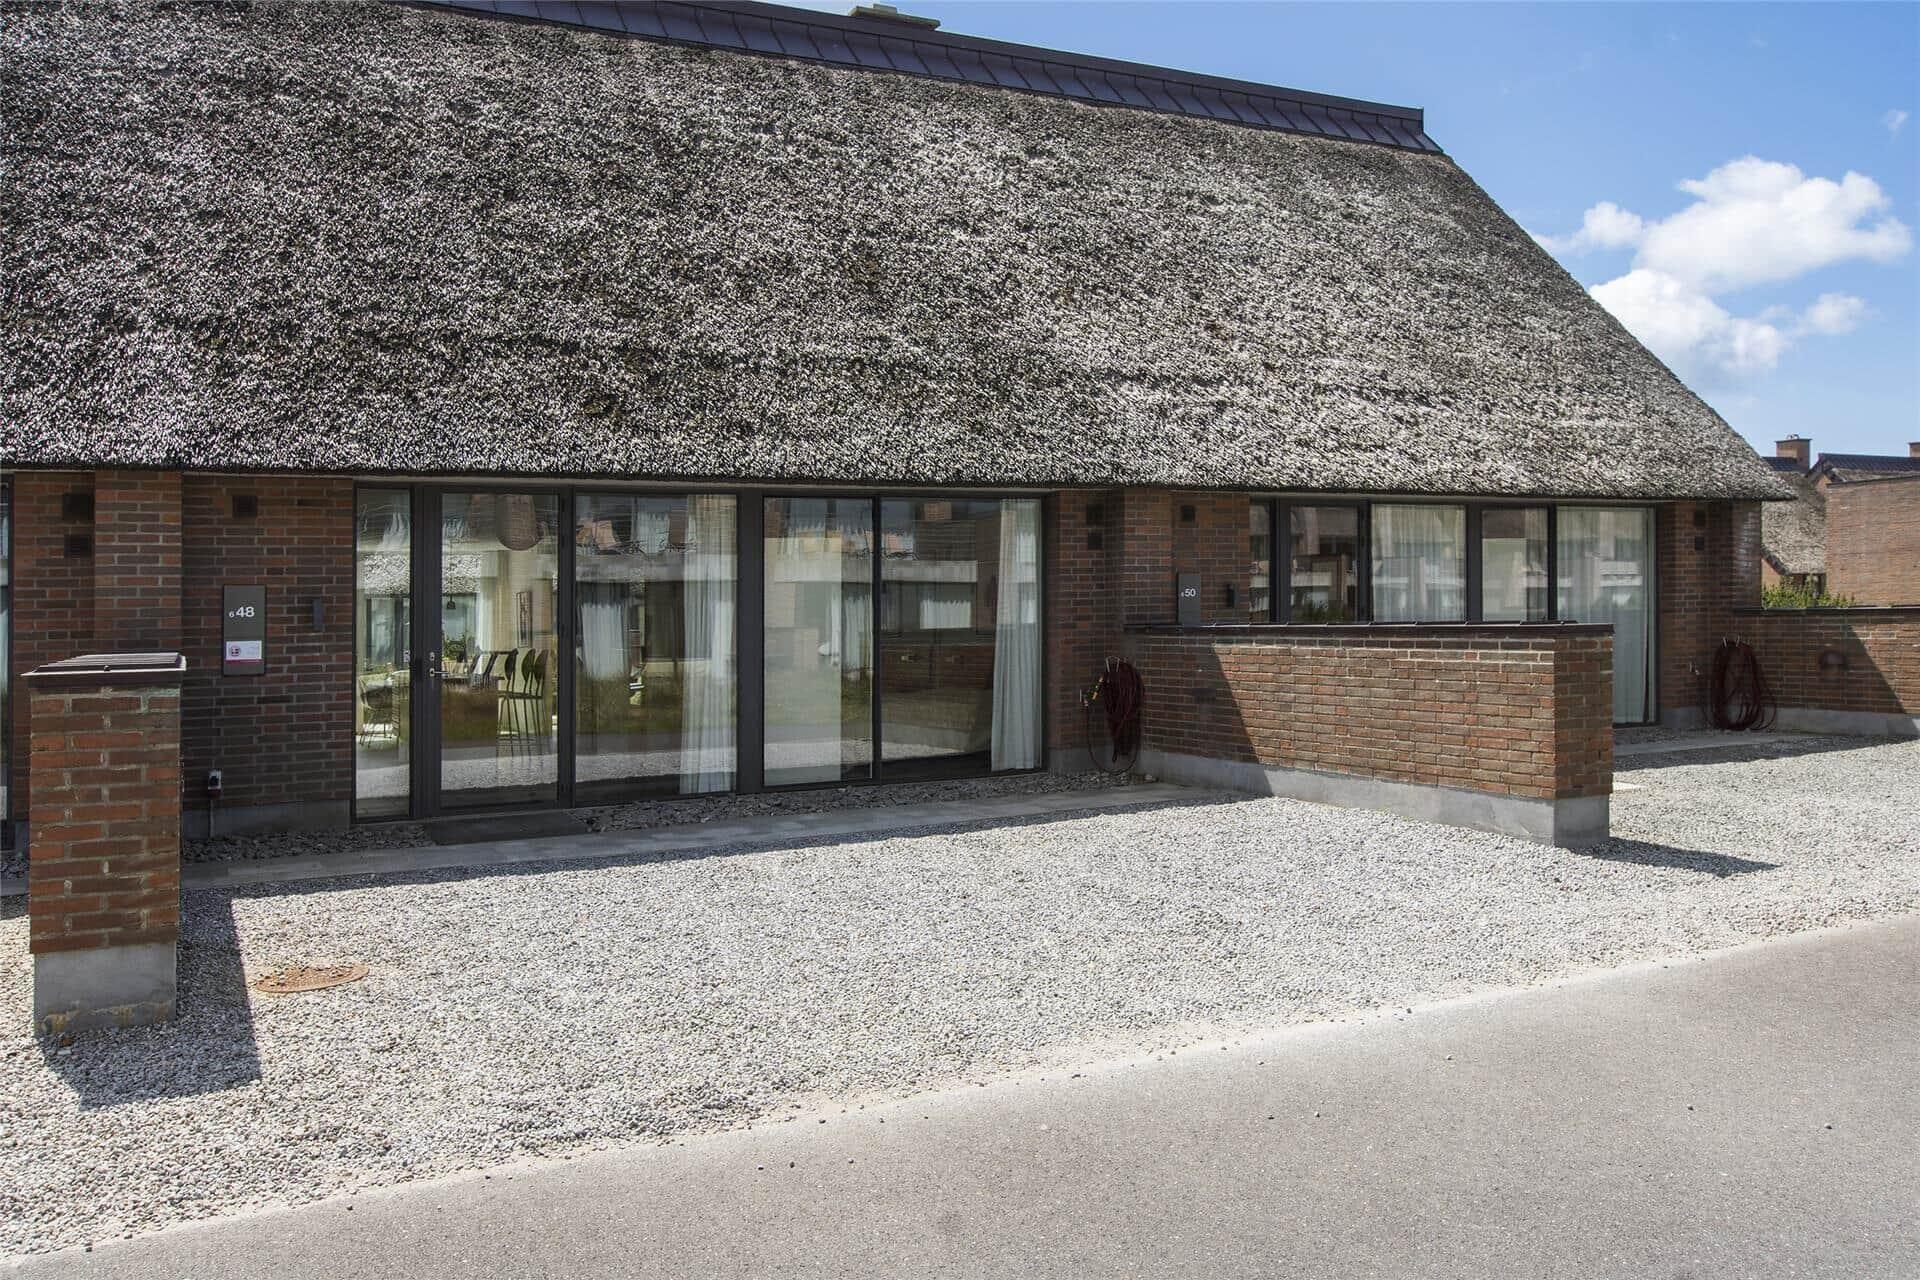 Billede 1-11 Sommerhus 1648, Blåklokkevej 648, DK - 6792 Rømø